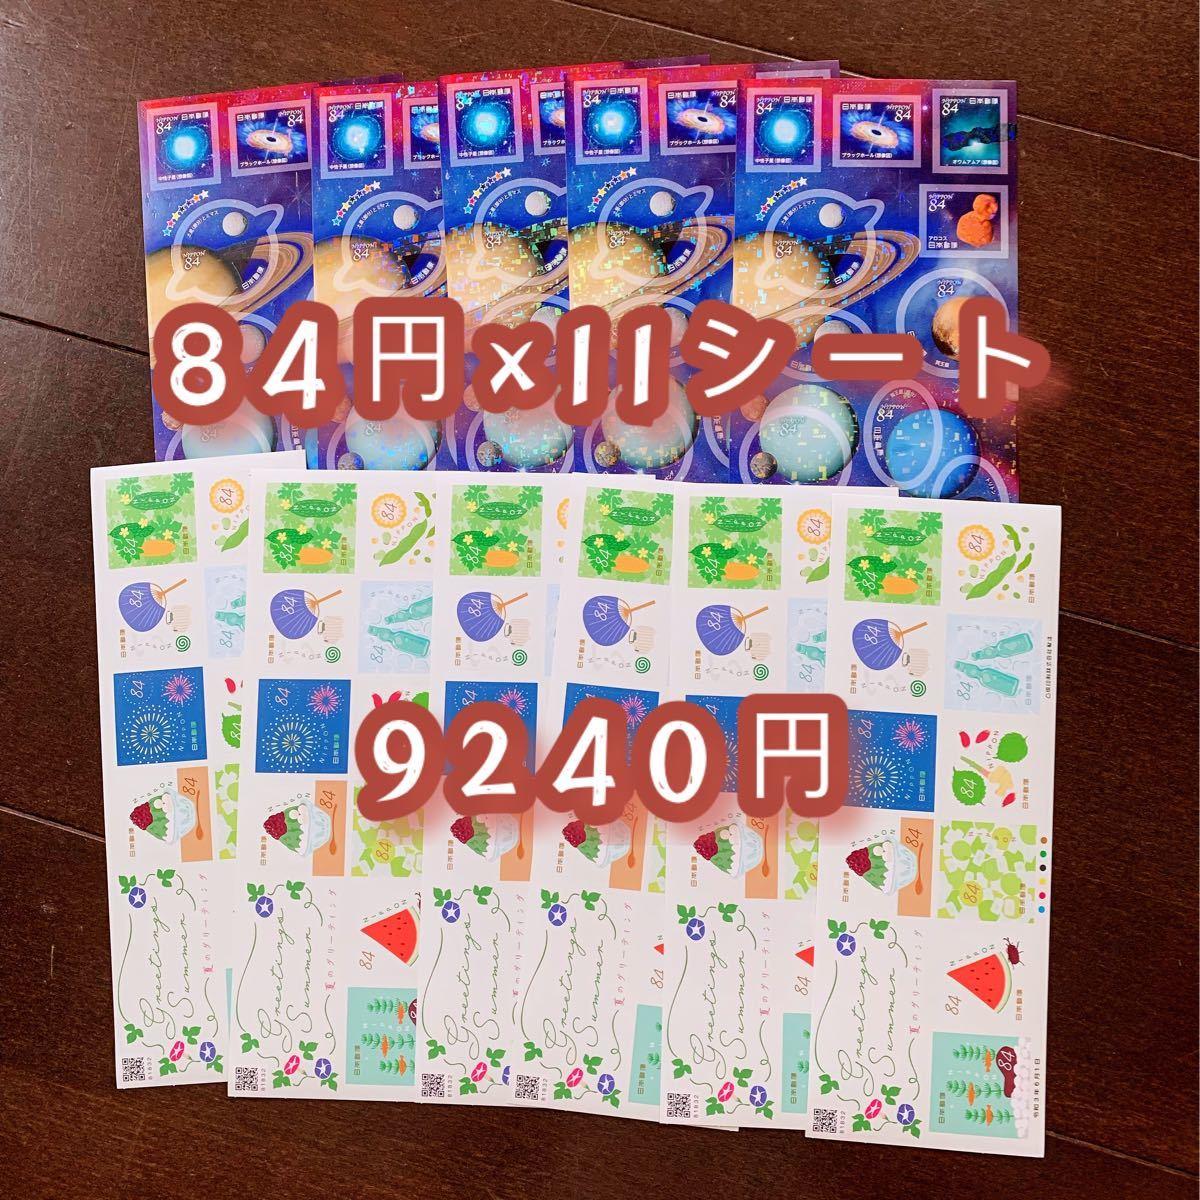 シール切手 11 シール切手が84円×110枚で9240円分です